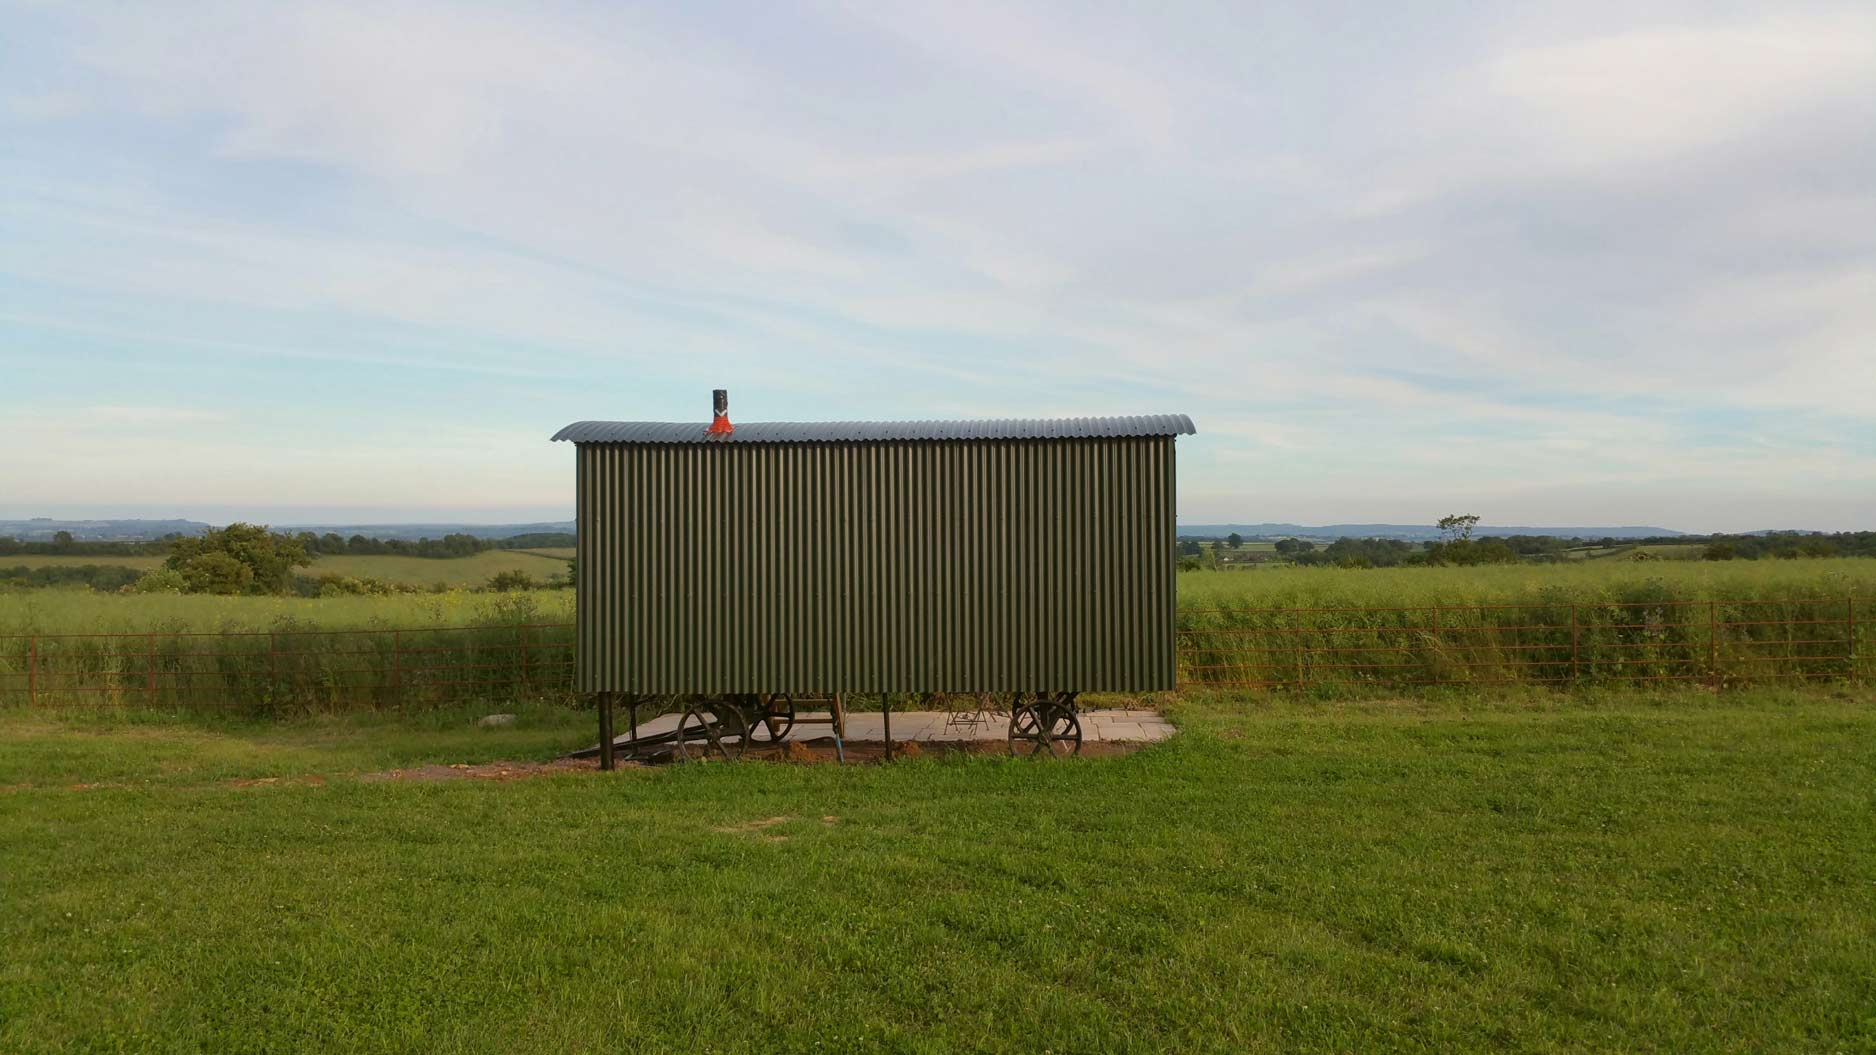 HutsUponaHill-Outside-Shepherds-Hut-Bath-Somerset-View